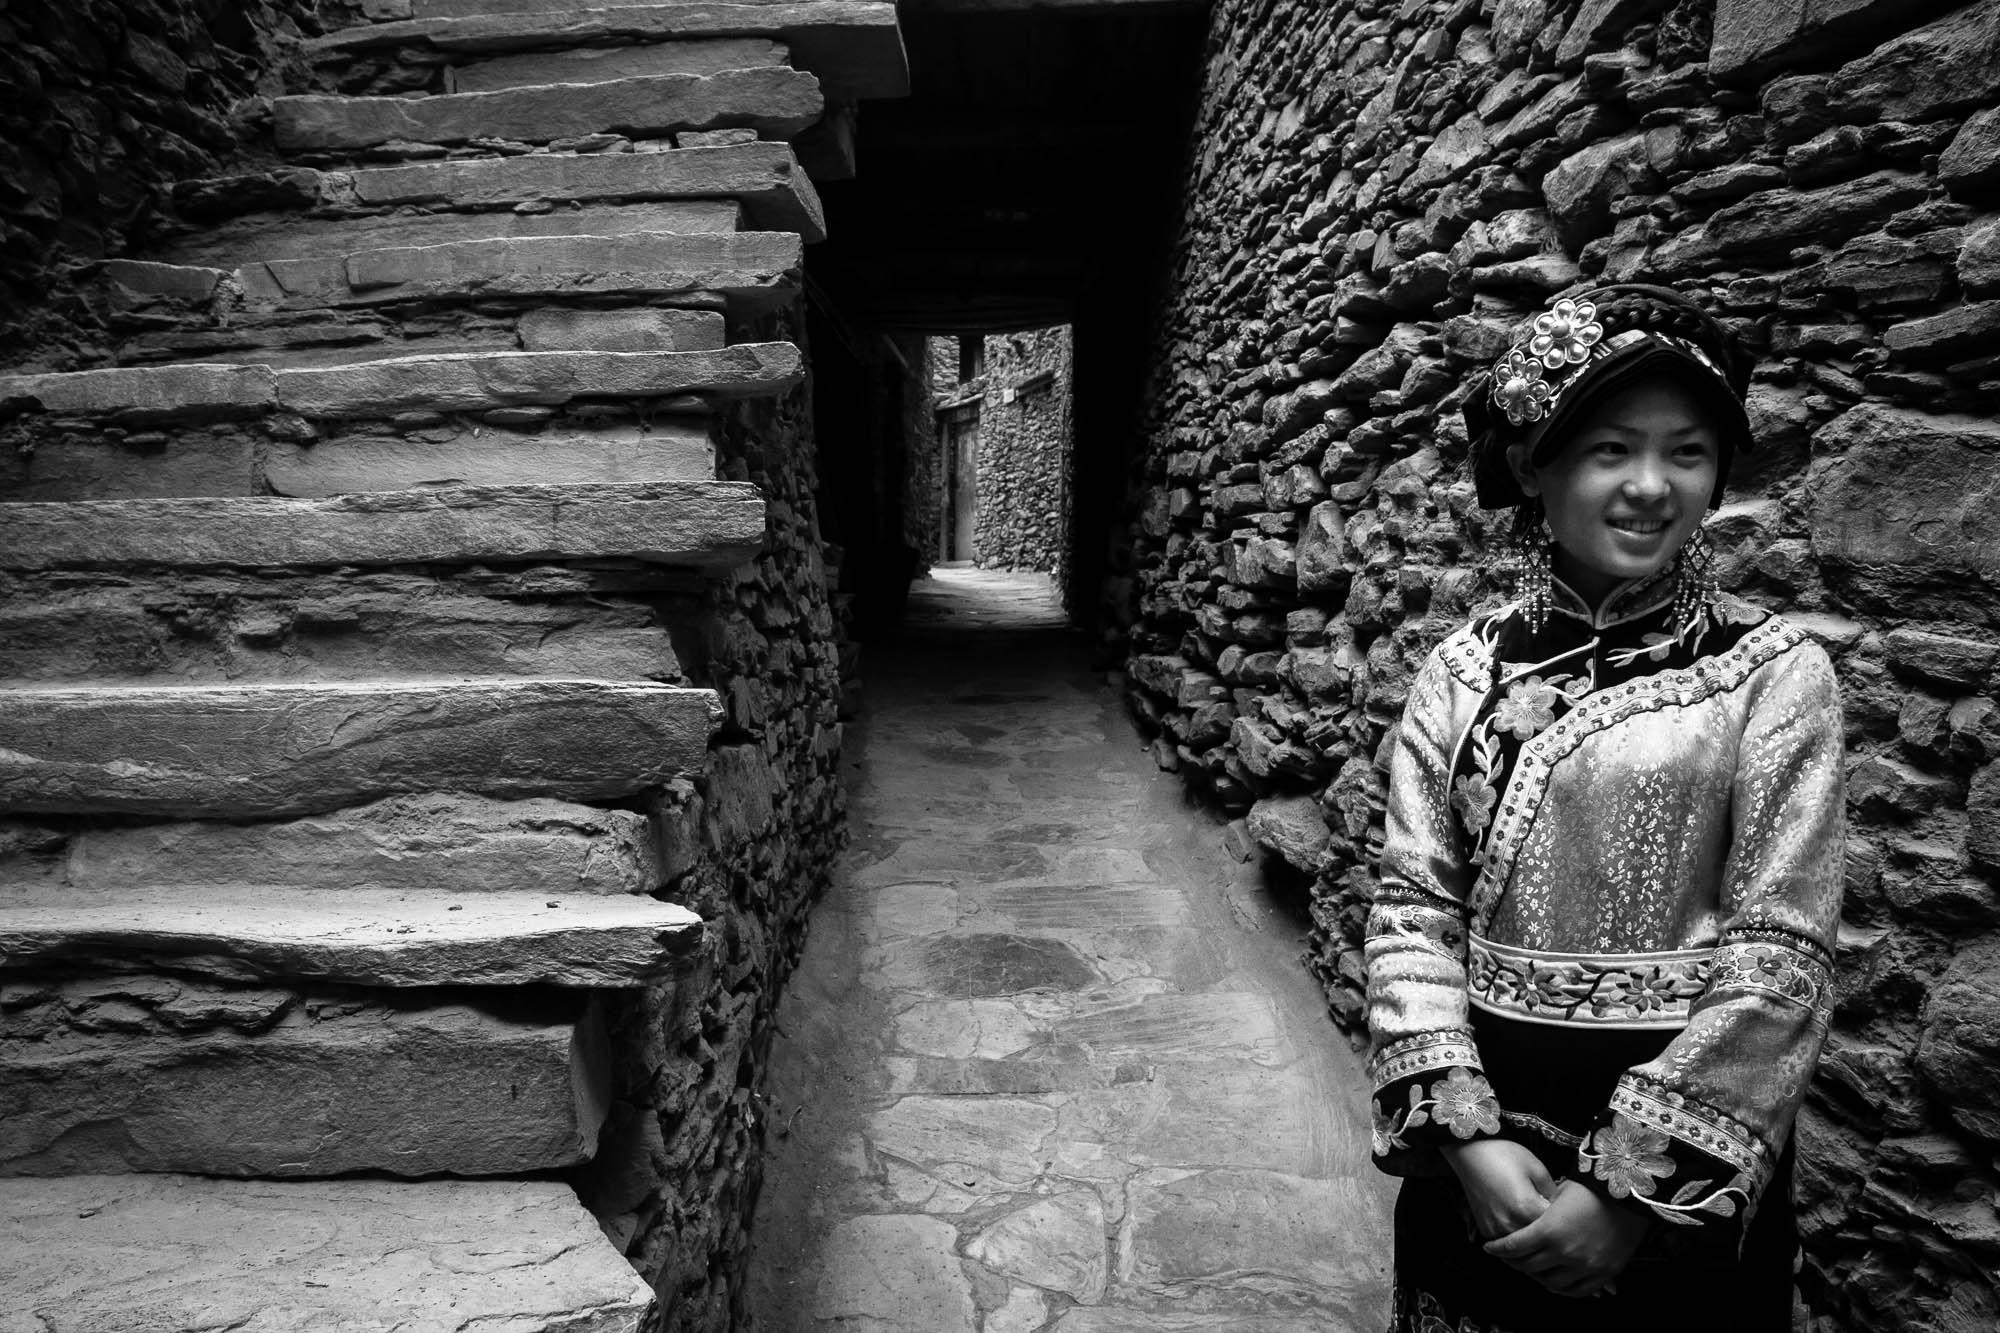 Sichuan 2006 girl